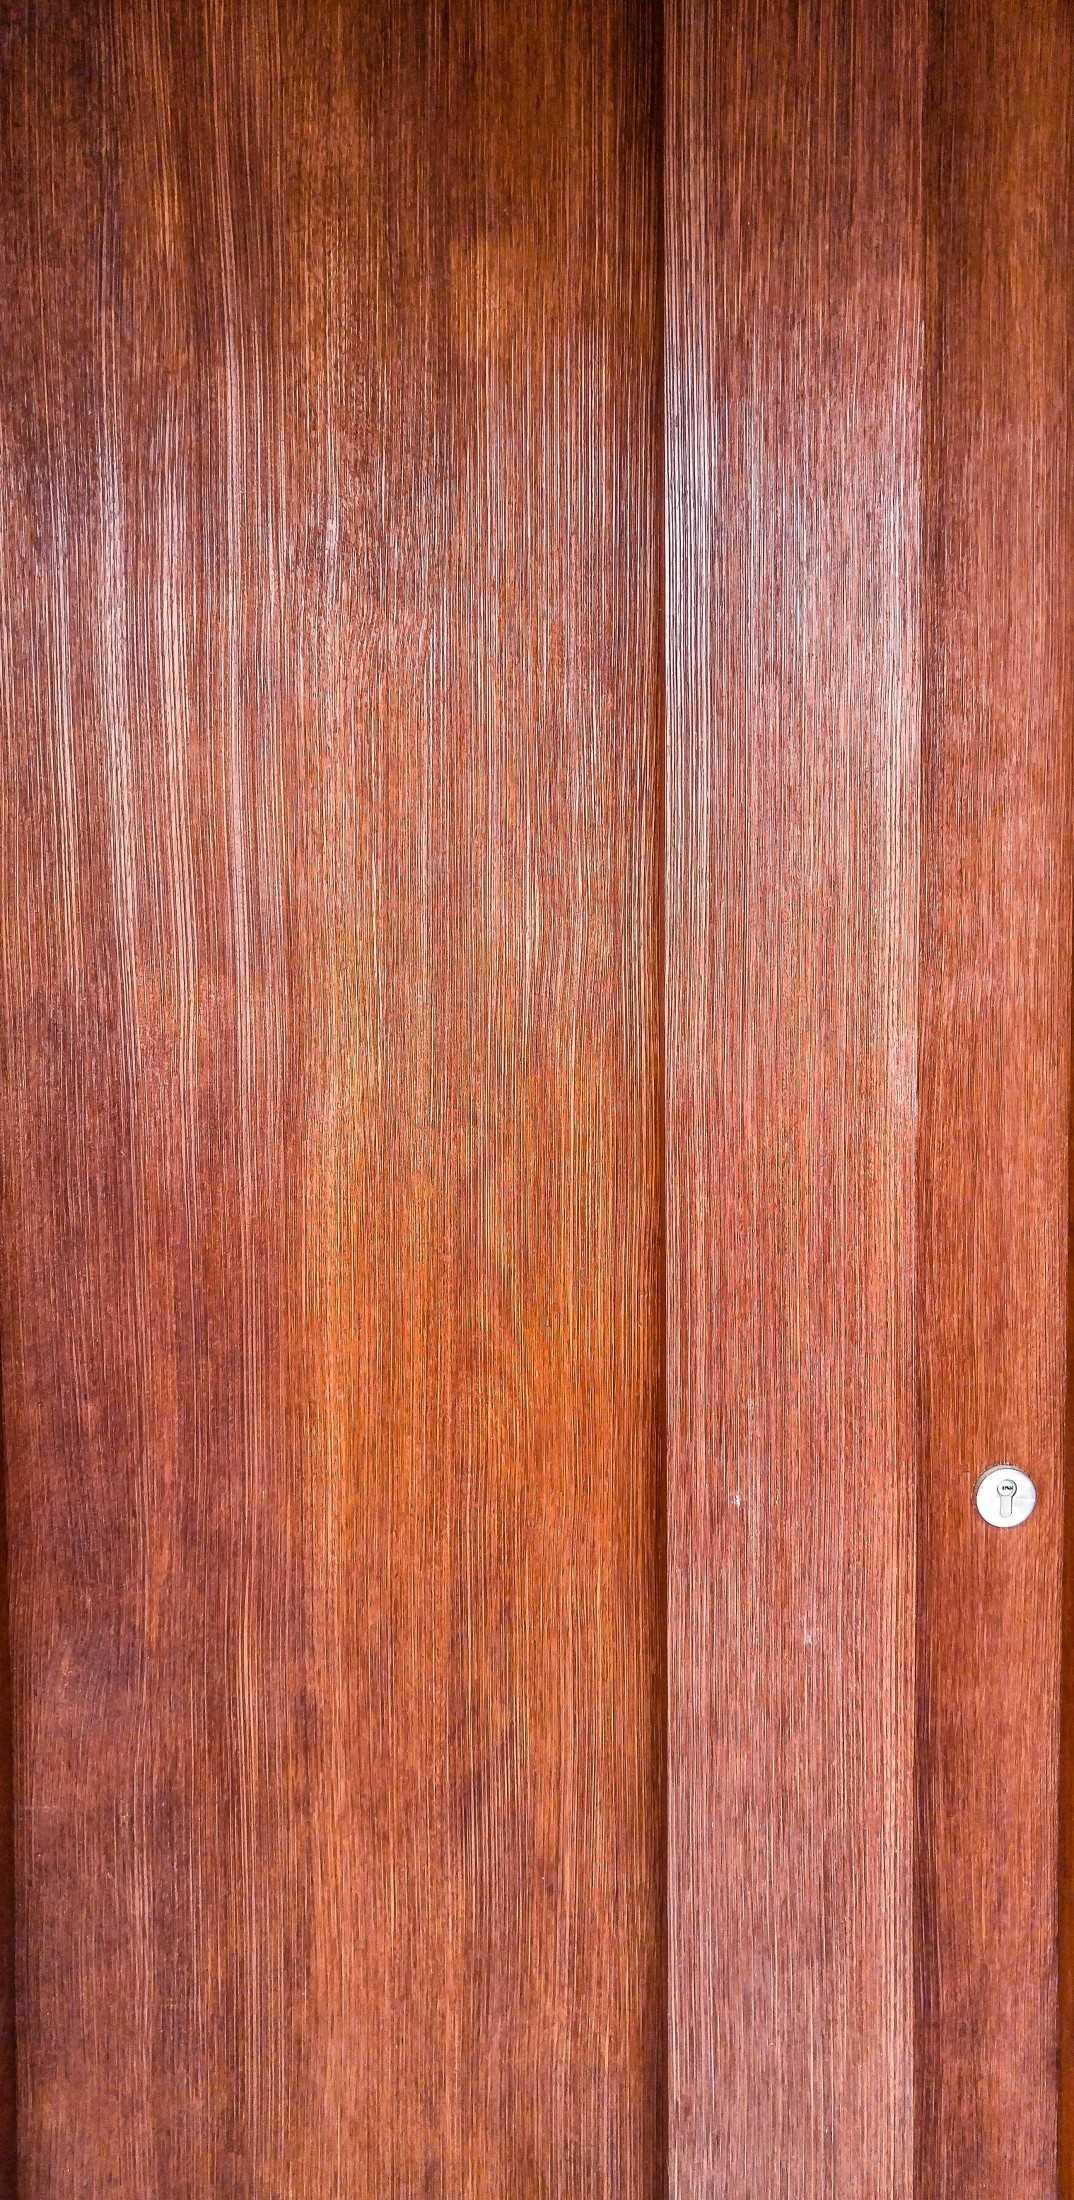 Gohte Architects Narada House Pakulonan, Kec. Serpong Utara, Kota Tangerang Selatan, Banten 15325, Indonesia Pakulonan, Kec. Serpong Utara, Kota Tangerang Selatan, Banten 15325, Indonesia Gohte-Architects-Narada-House  96624